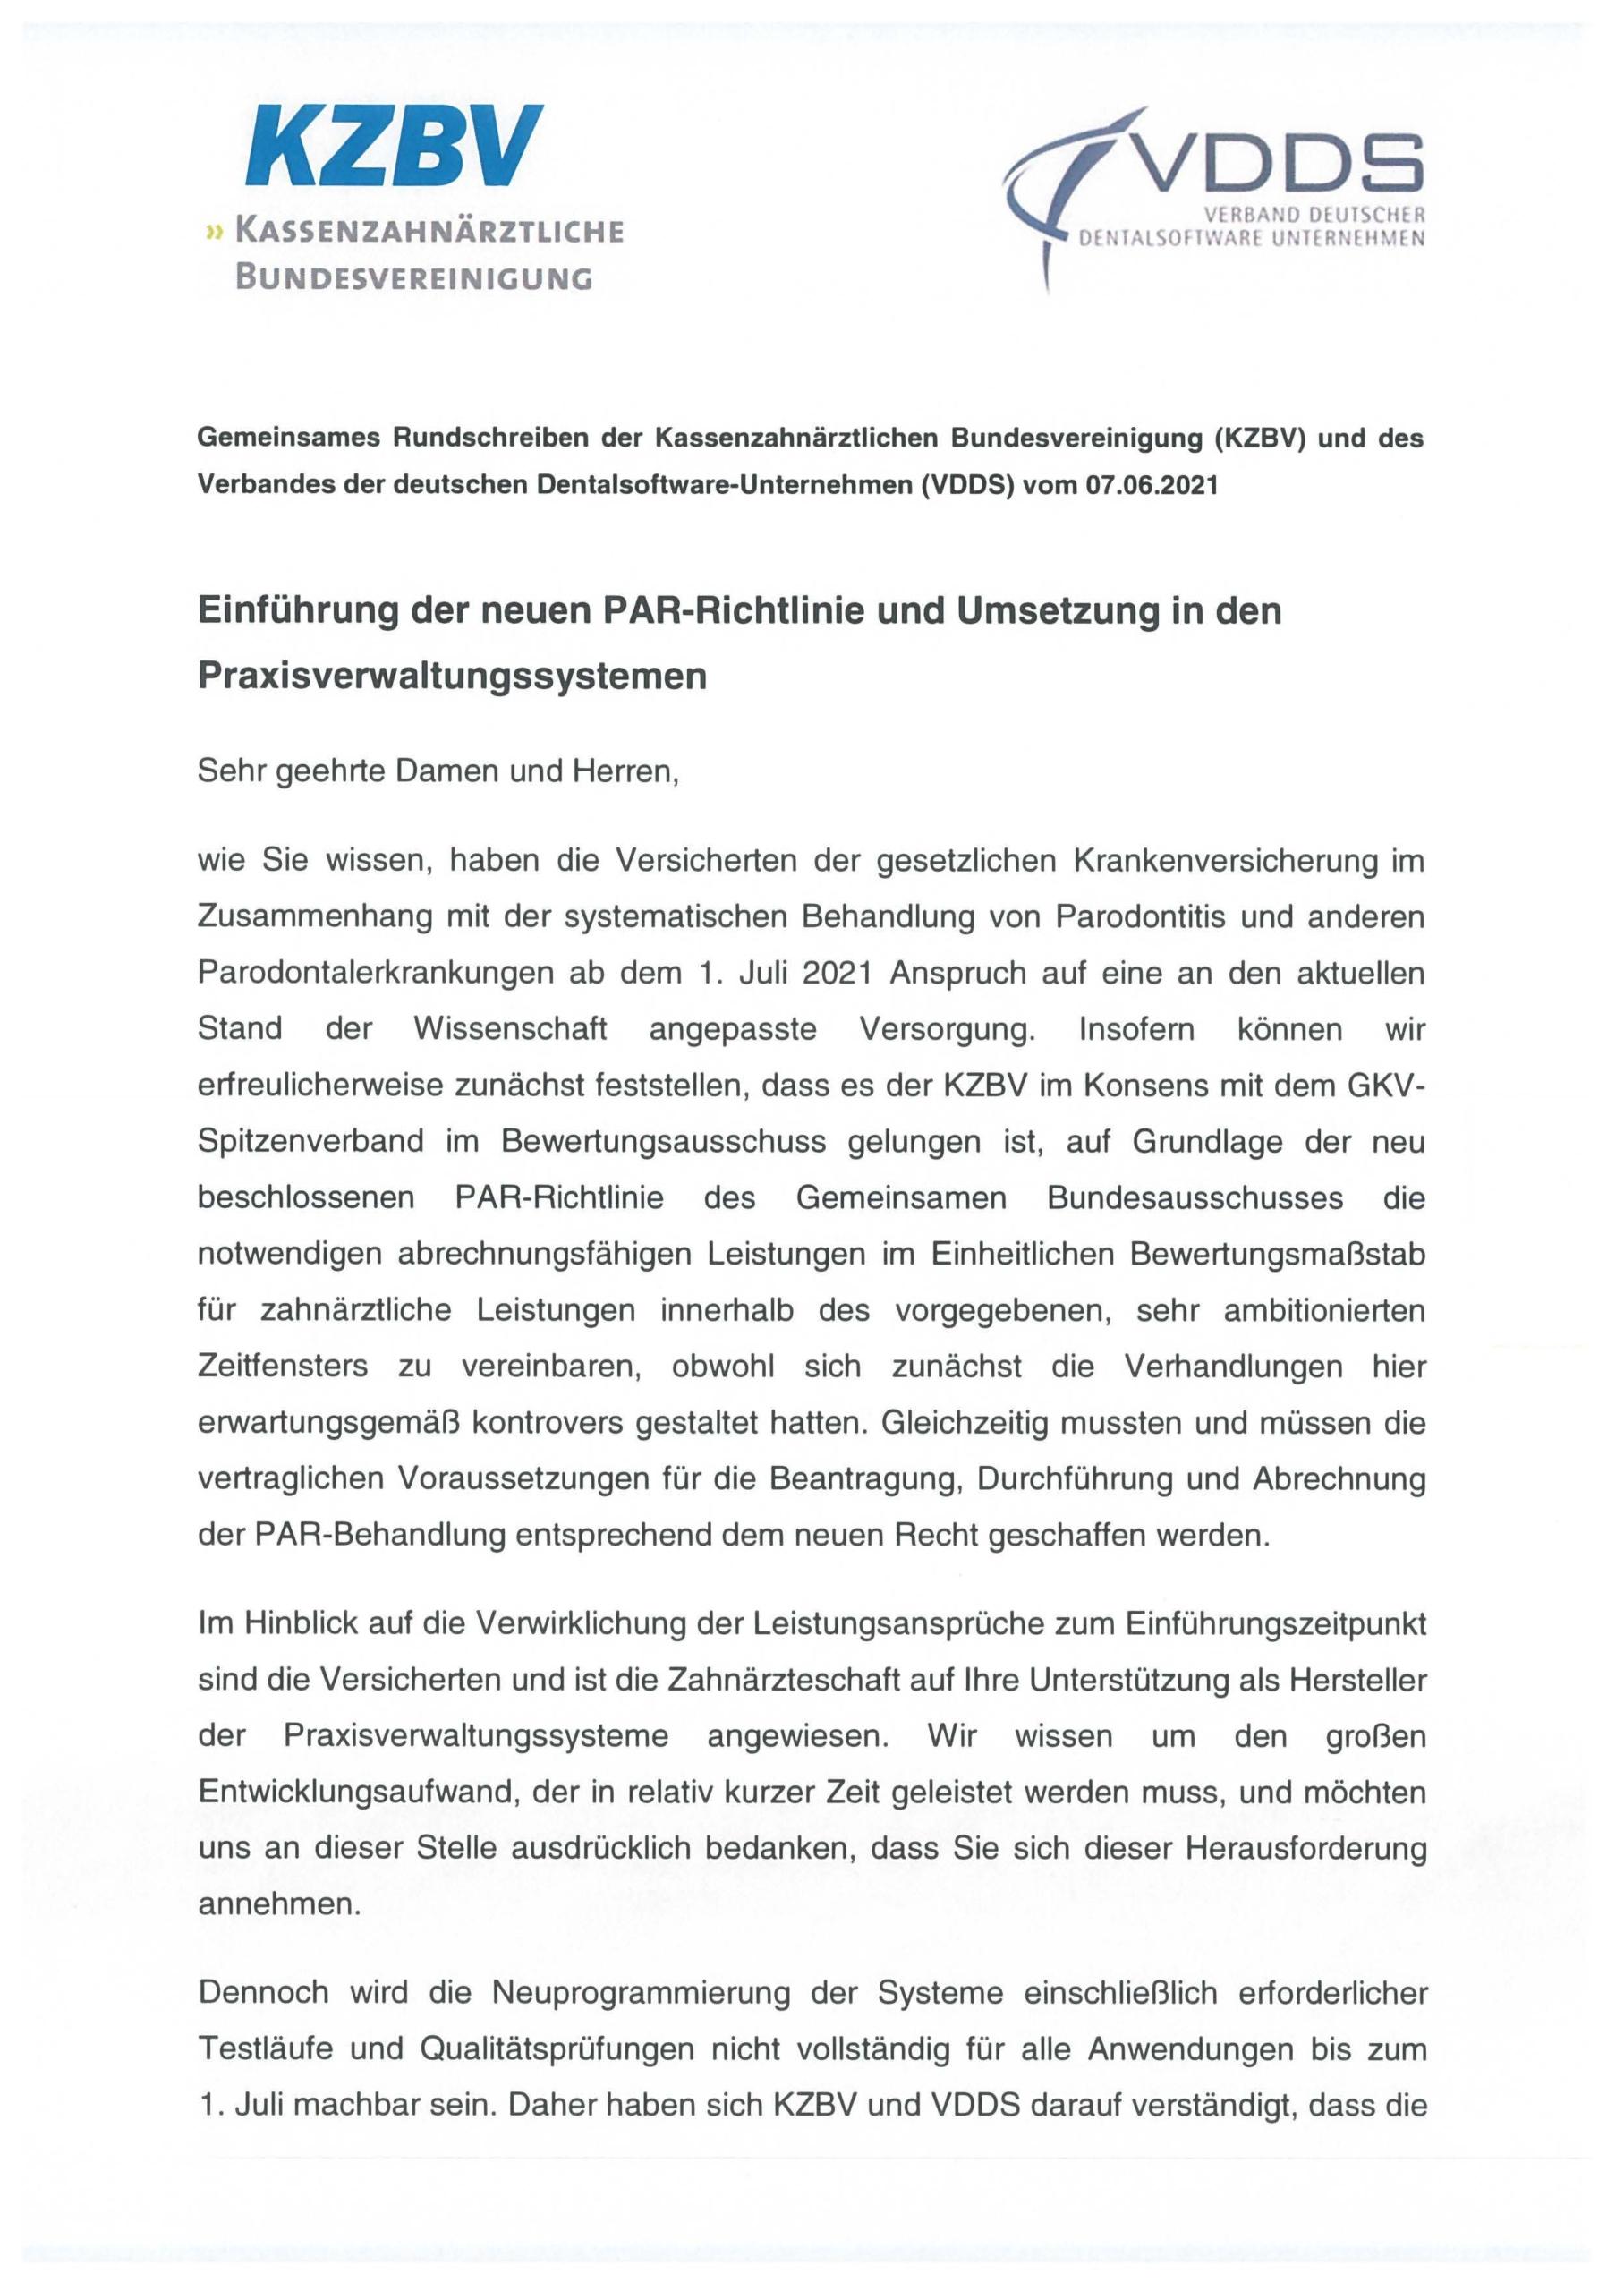 Gemeinsame Pressemitteilung der Kassenzahnärztlichen Bundesvereinigung (KZBV) und des Verbandes der deutschen Dentalsoftware-Unternehmen (VDDS) vom 07.06.2021